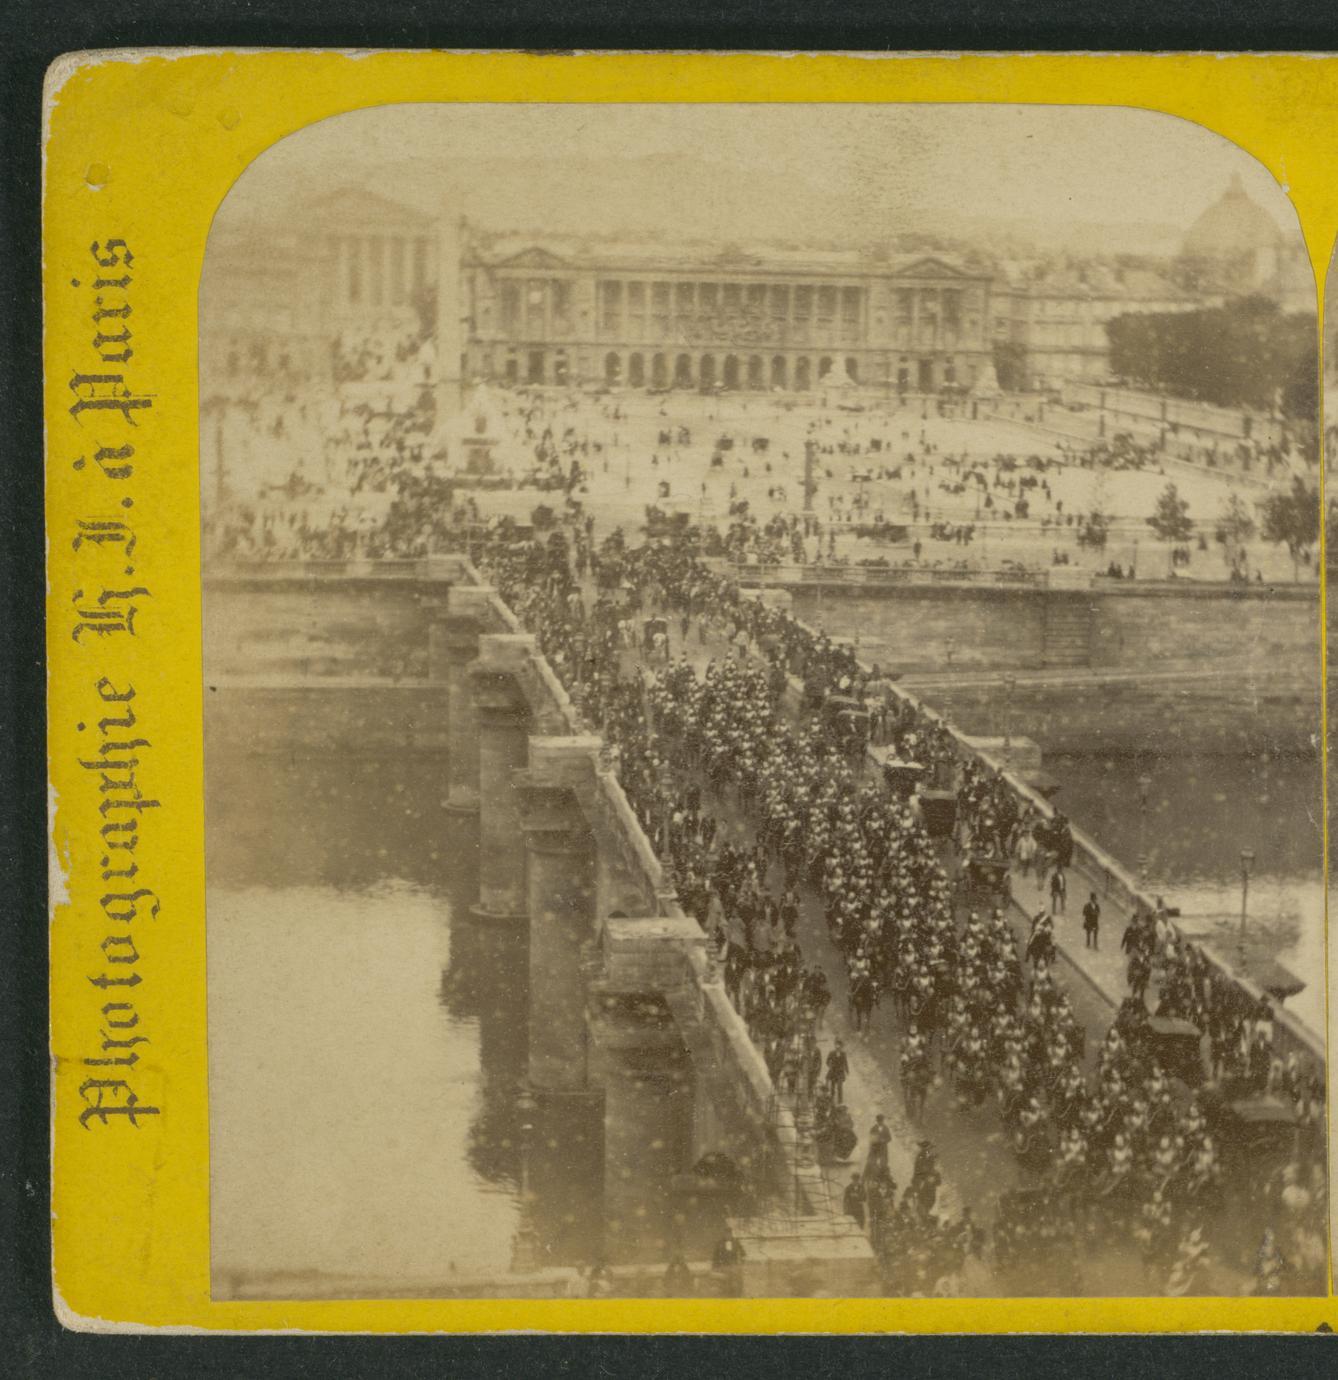 Fête du 15 août : Pont et Place de la Concorde le jour de la fête (3 of 3)